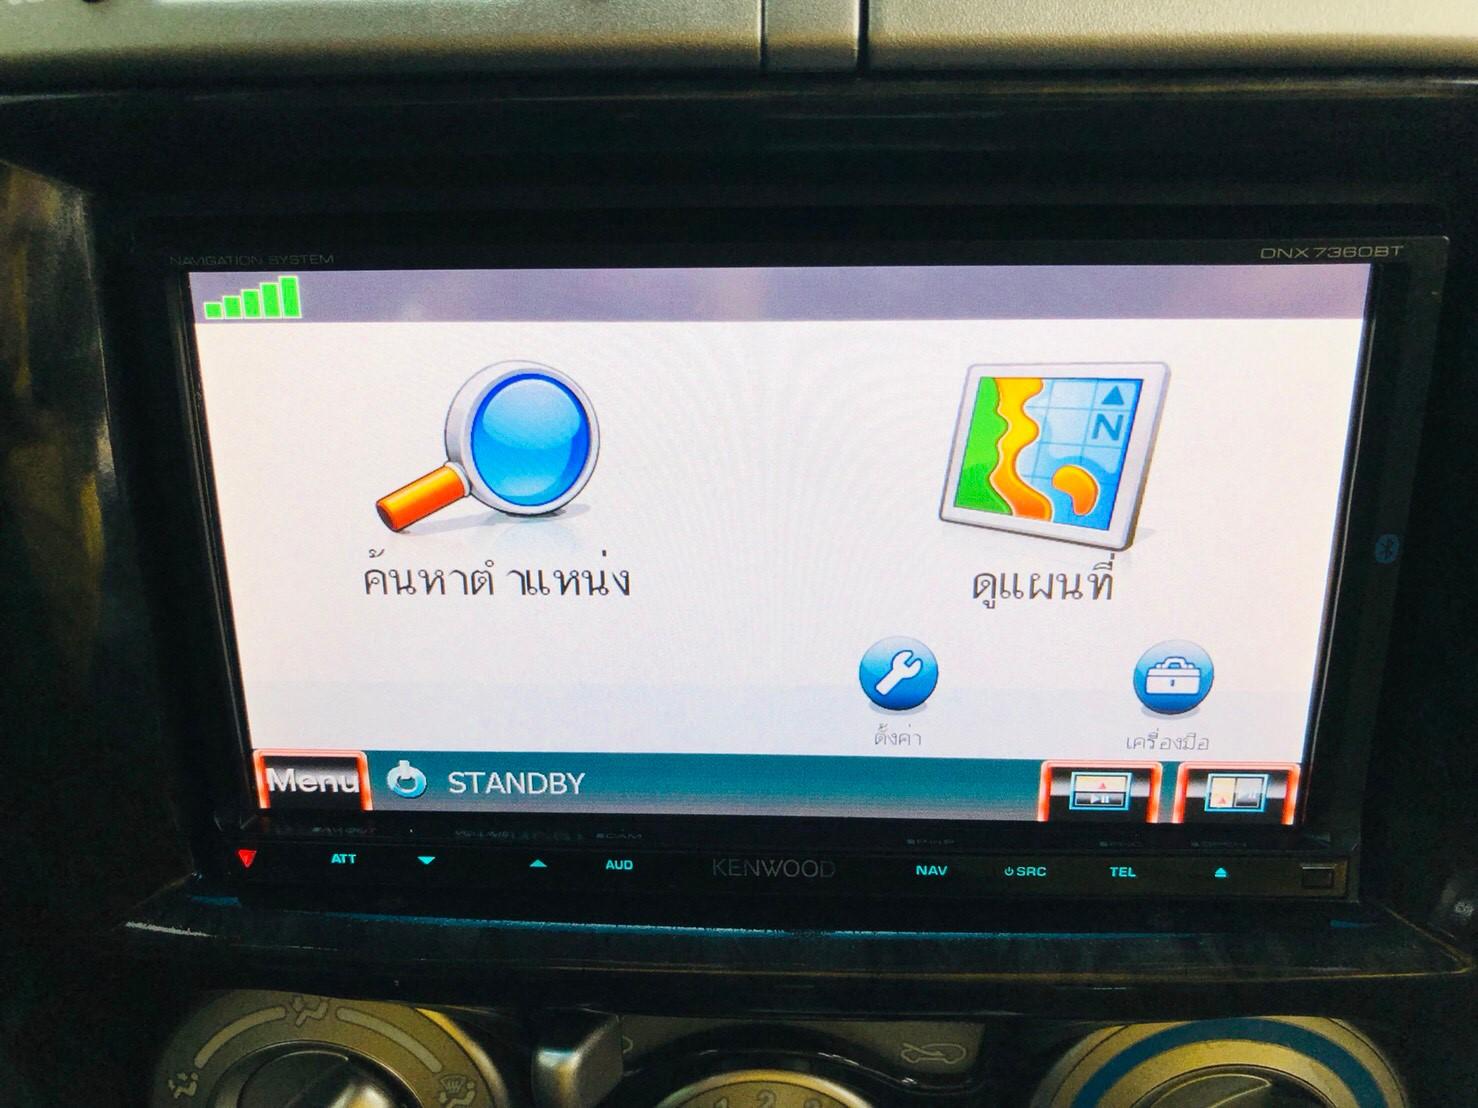 ภาพระบบนำทาง อีซูซุ มิว-เซเว่น Choiz 3.0 VGS ปี 2012